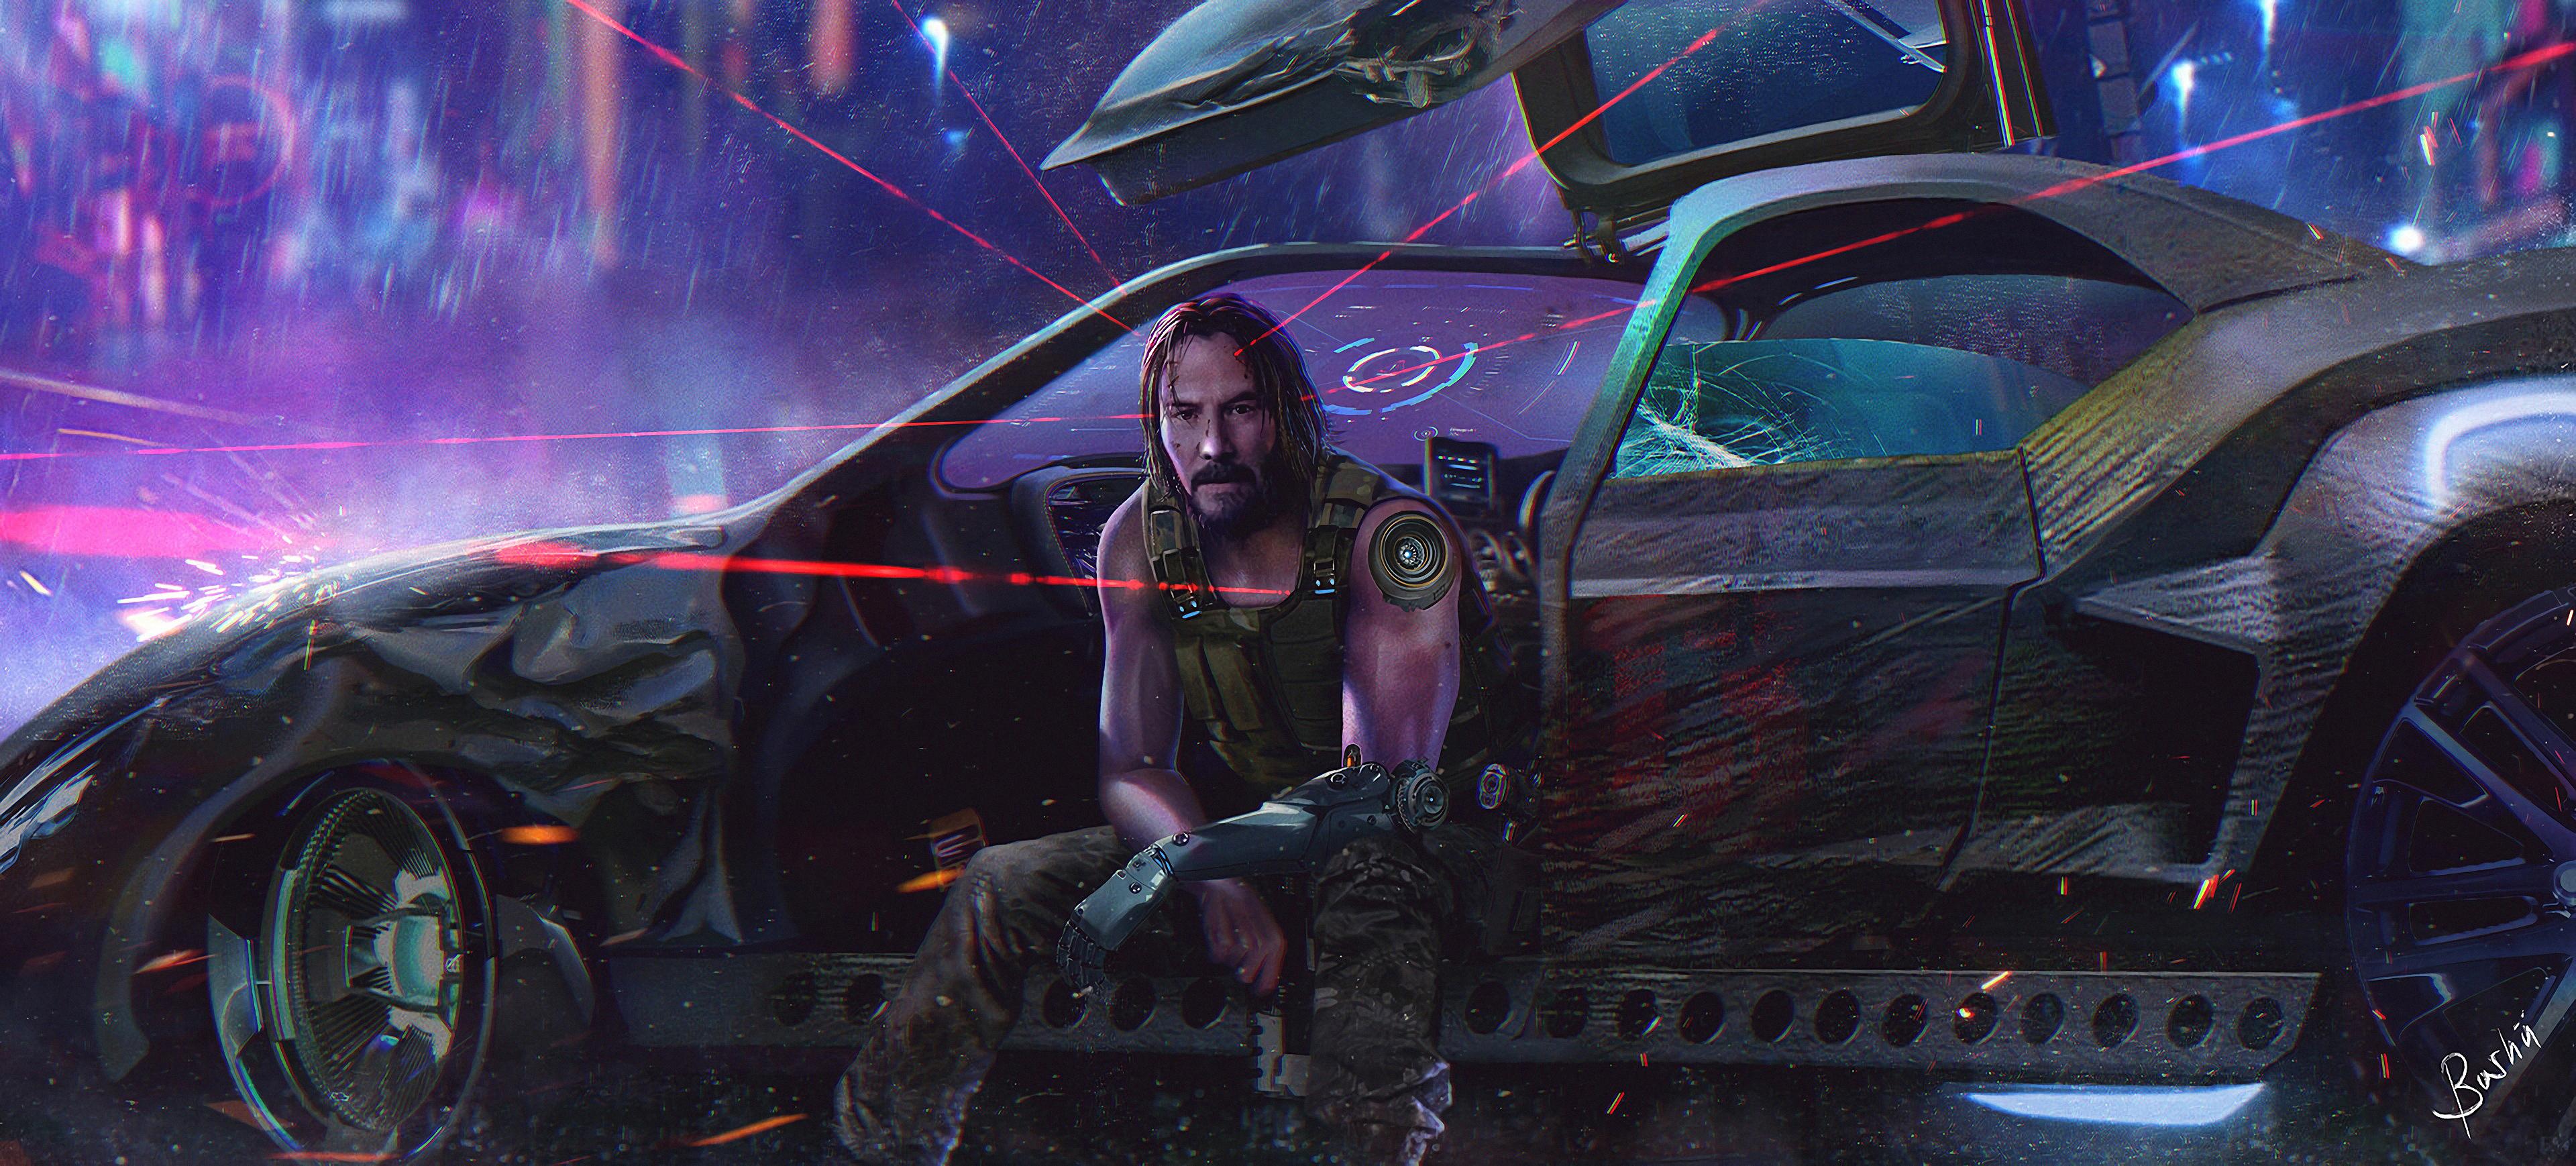 Cyberpunk 2077 Keanu Reeves 4k, HD Games, 4k Wallpapers ...